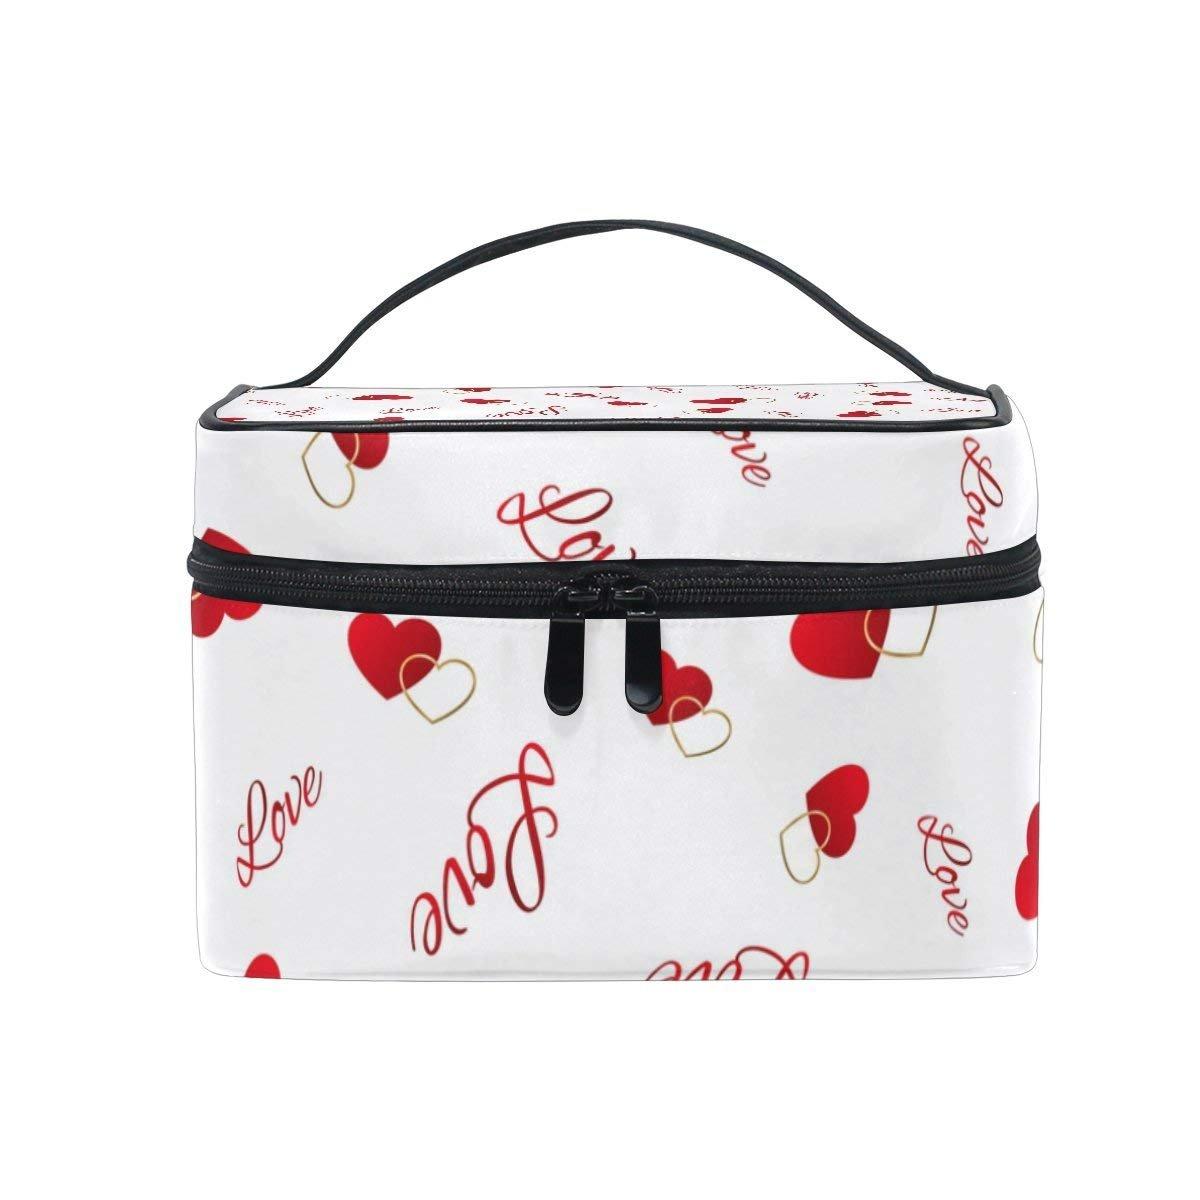 Makeup Bag Love Heart Emoji Mens Travel Toiletry Bag Mens Cosmetic Bags for Women Fun Large Makeup Organizer